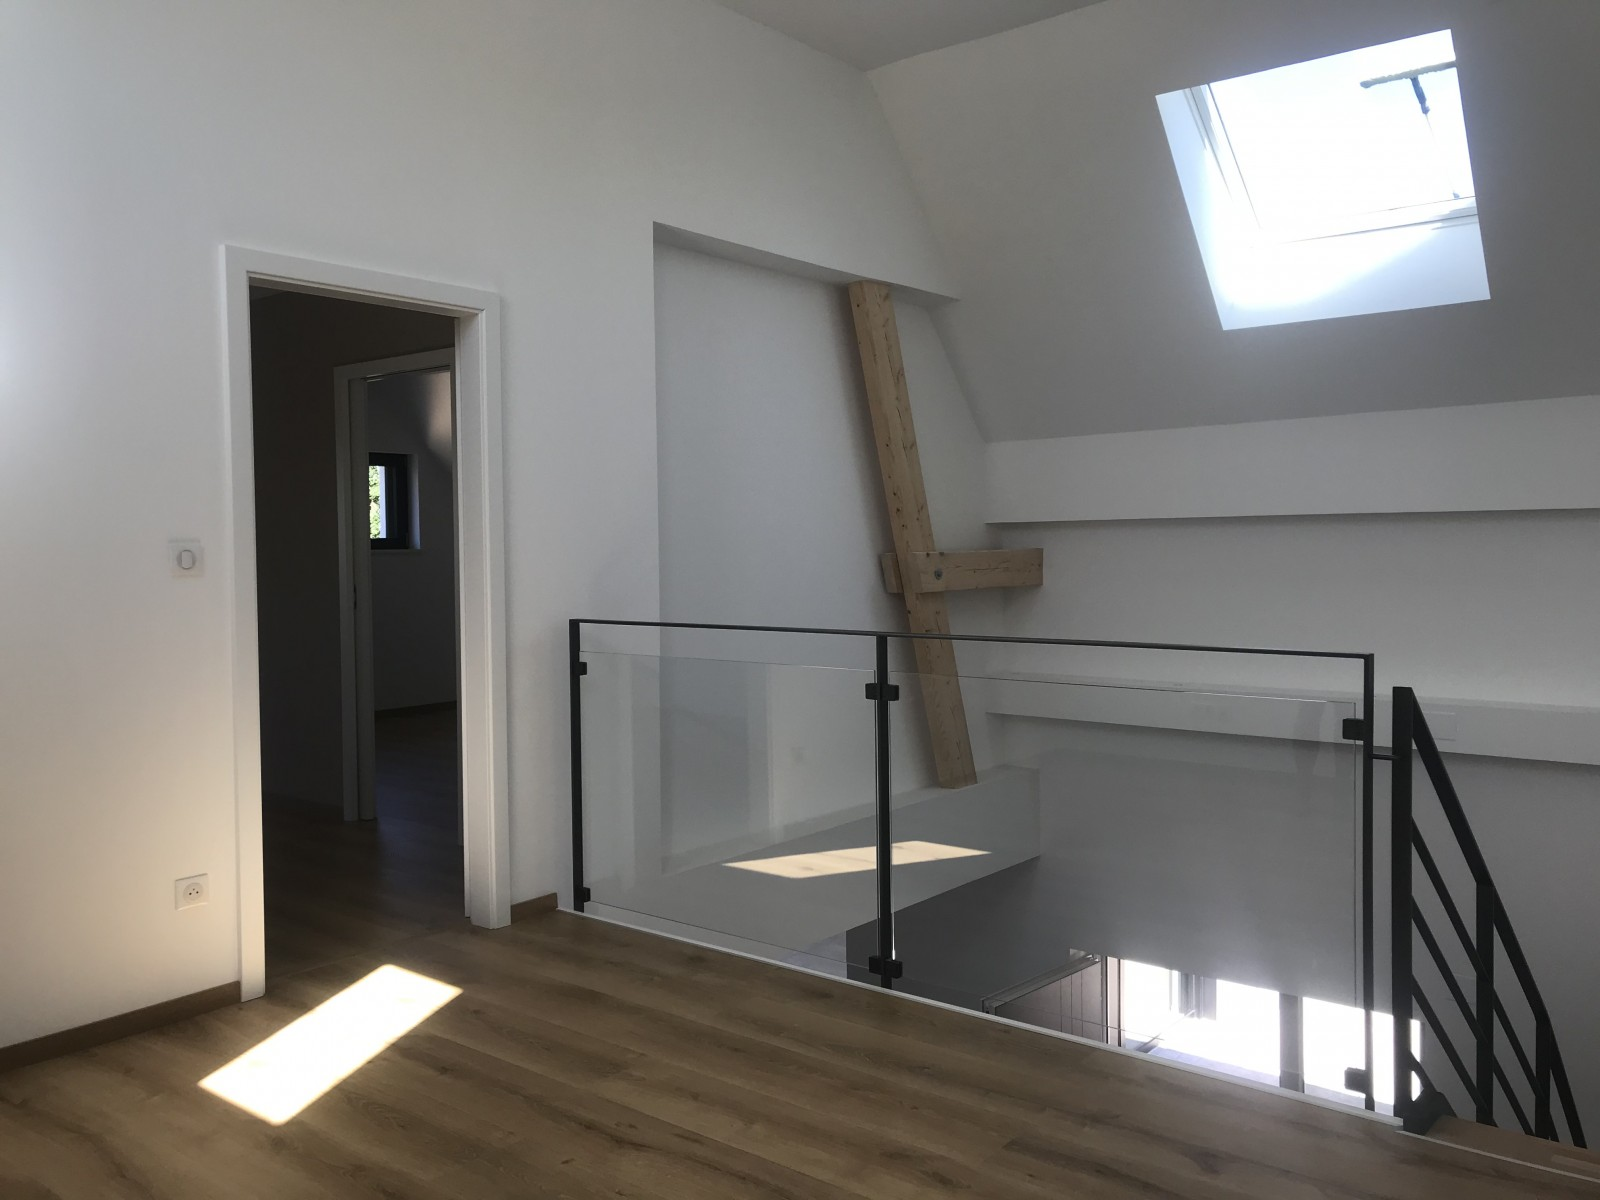 Rénovation d'une maison alsacienne haut rhin